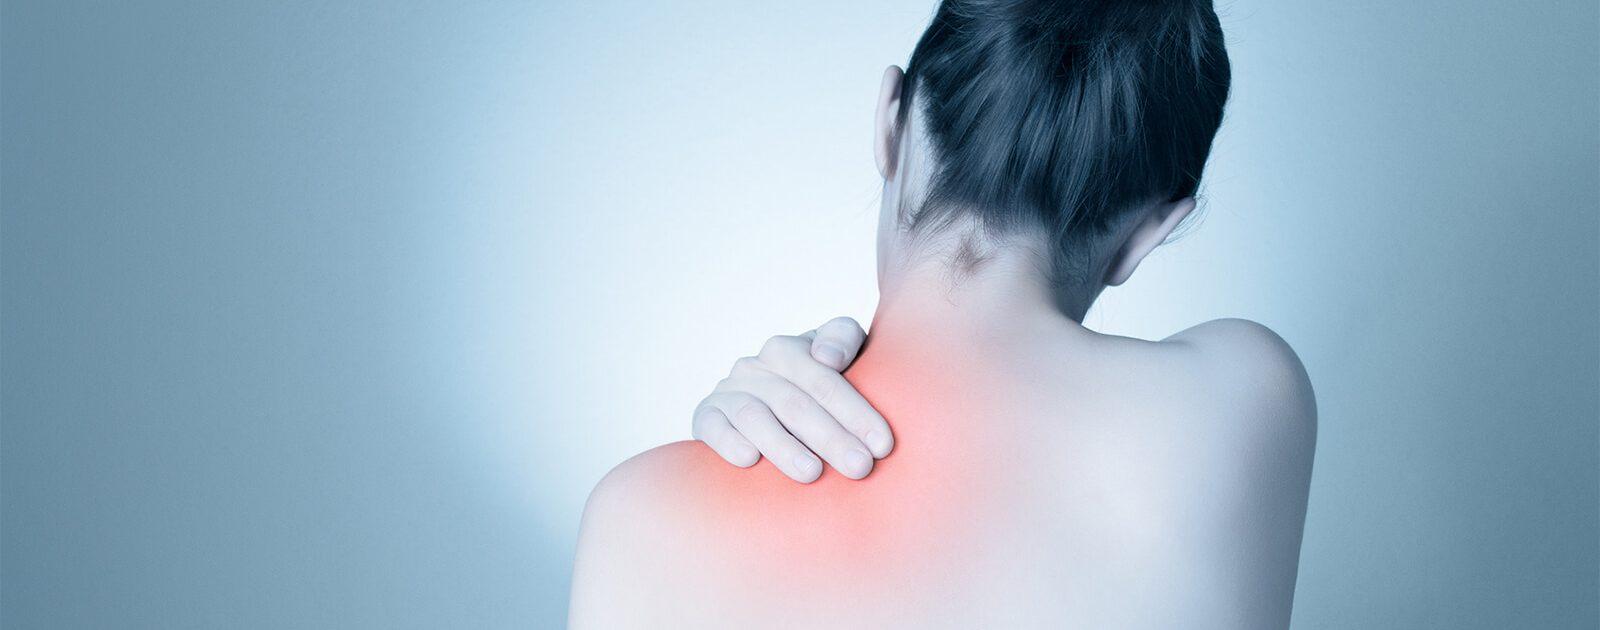 Am Rücken findet man vielerlei Schmerzen. Einige kommen häufiger vor.